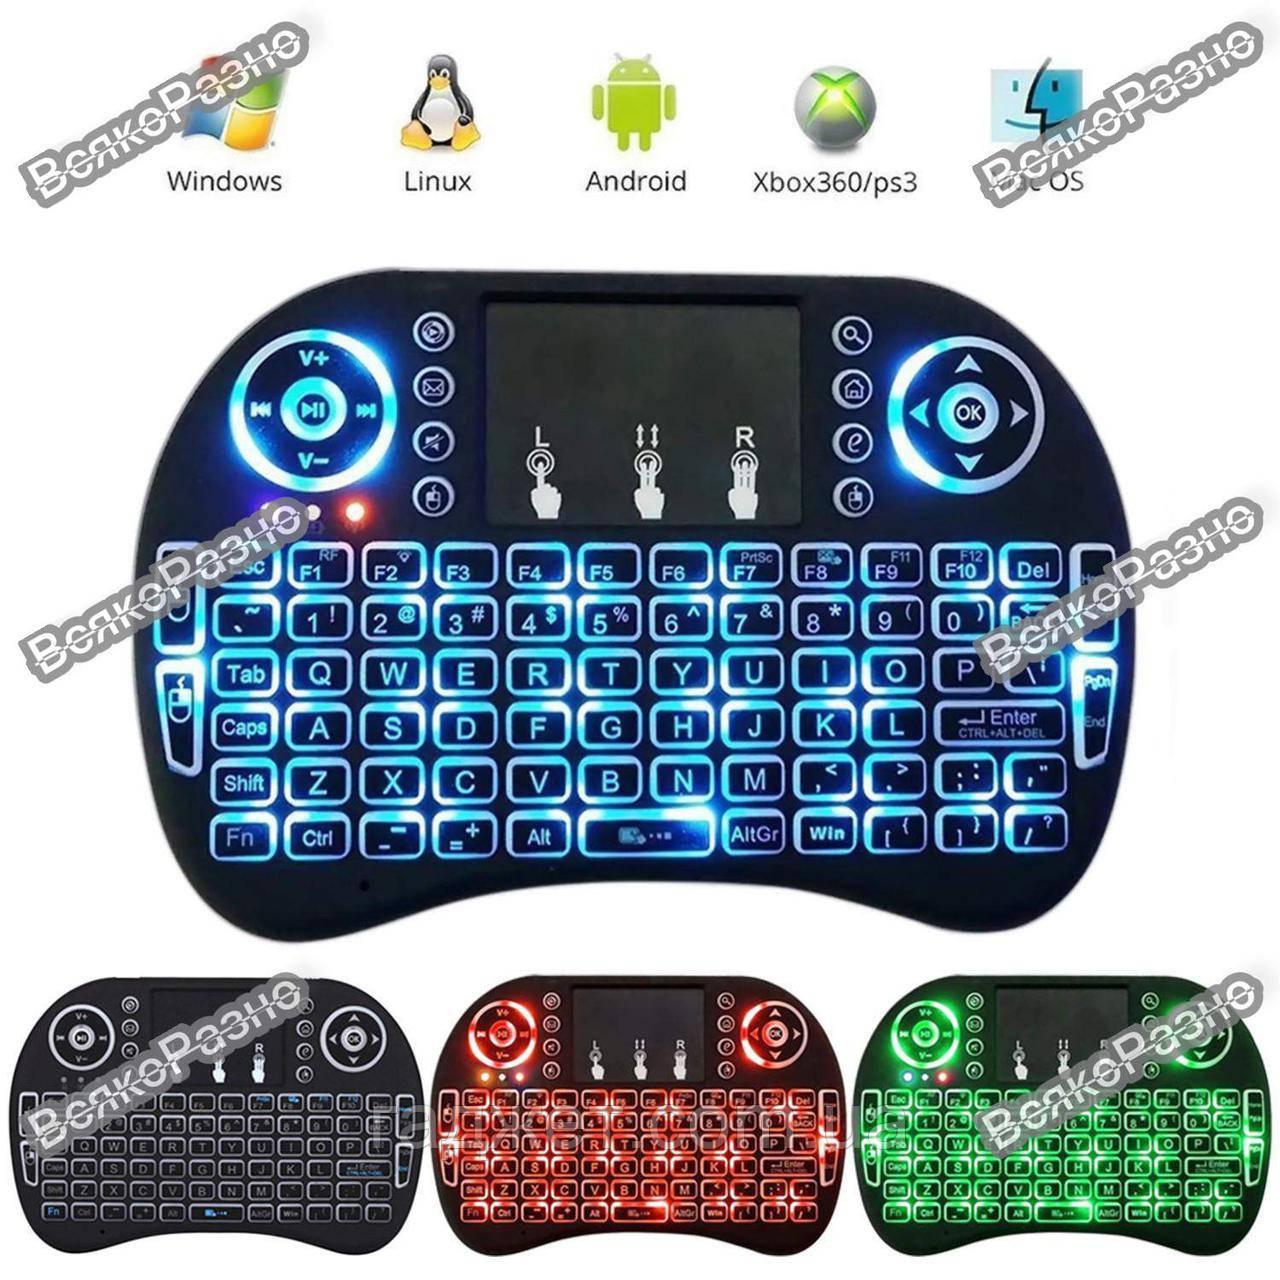 Беспроводная мини клавиатура USB с тачпадом и 3 цвета подсветки красная, синяя и зеленая